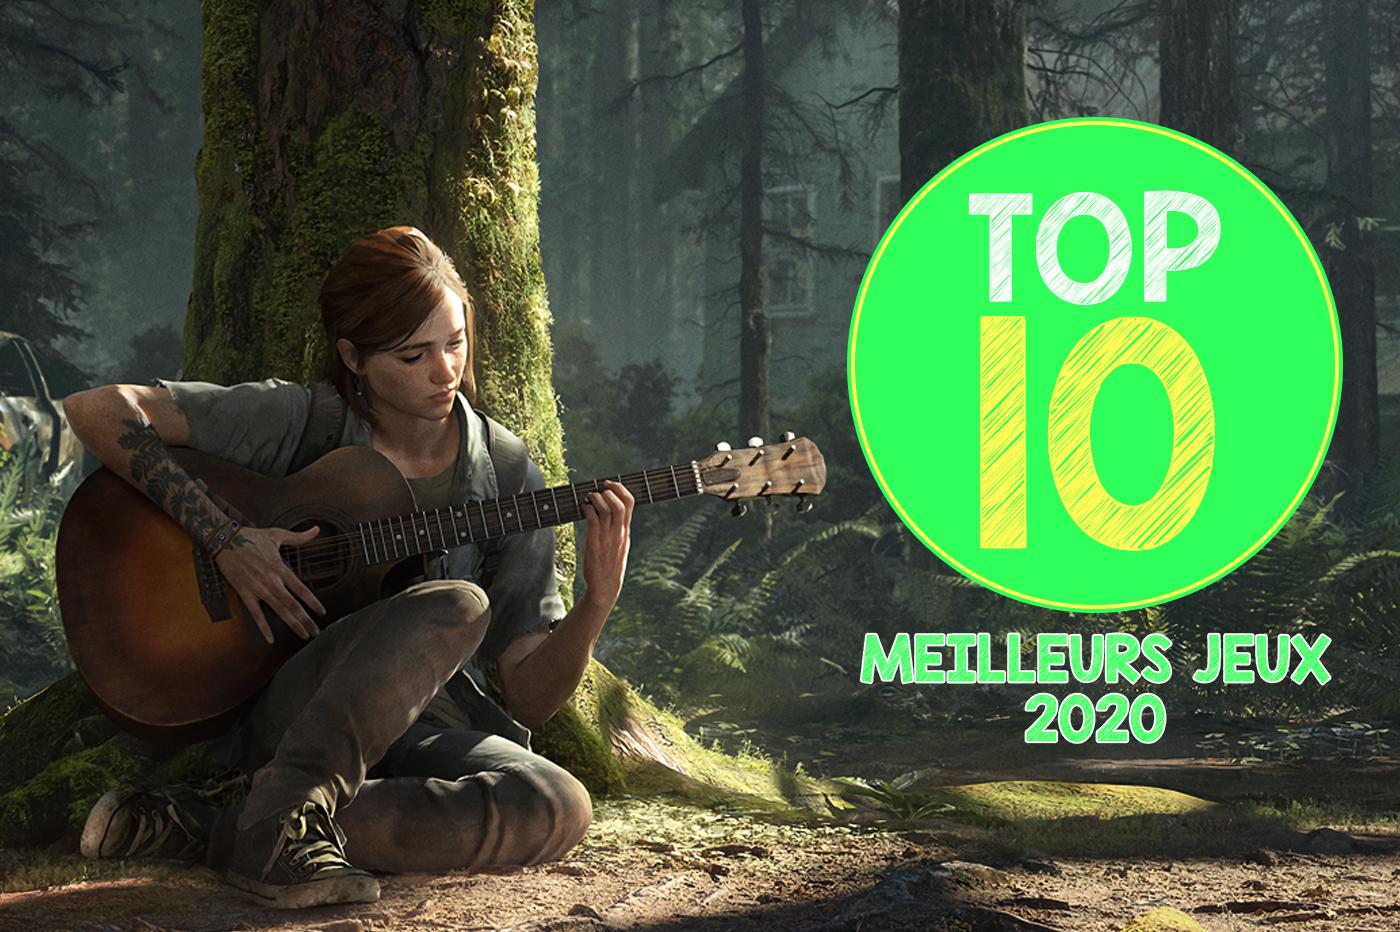 Top 10 Meilleurs Jeux 2020